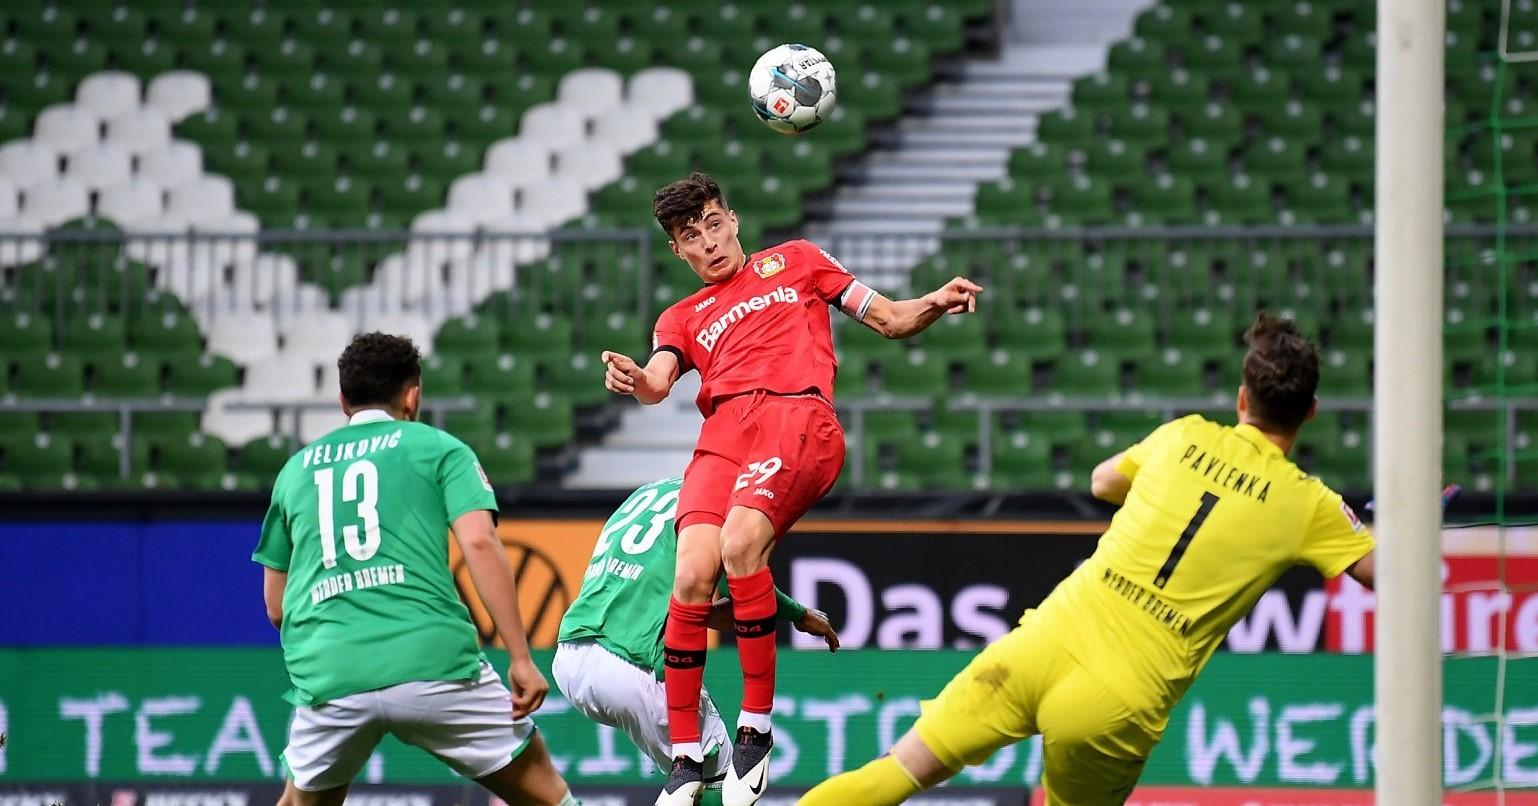 Horario y donde ver hoy por TV  la jornada 27 de la Bundesliga.